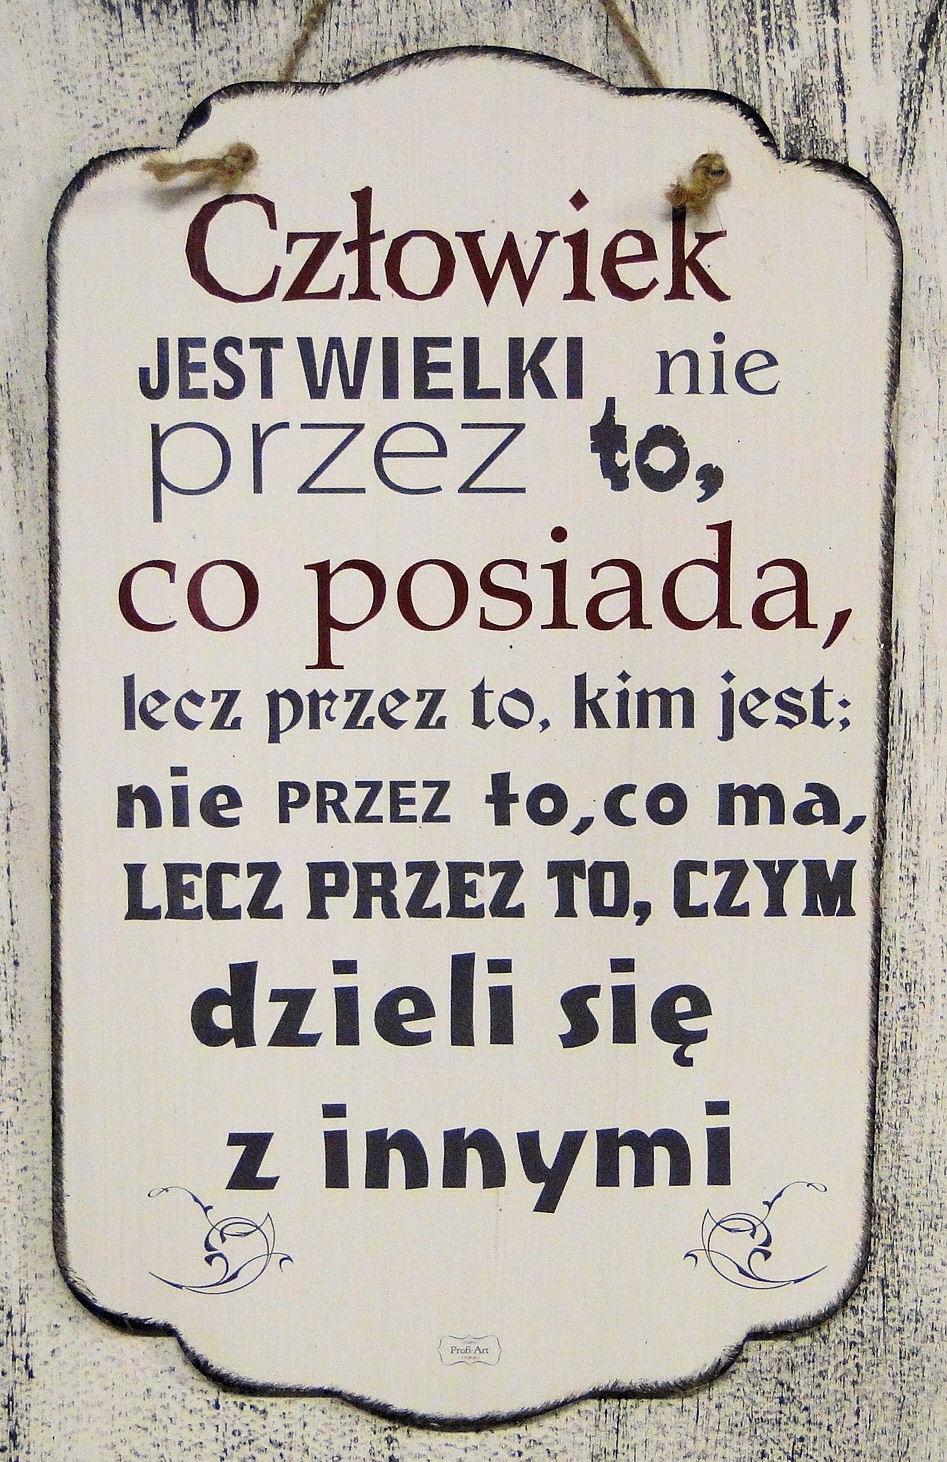 CZŁOWIEK JEST WIELKI TV1707.jpg